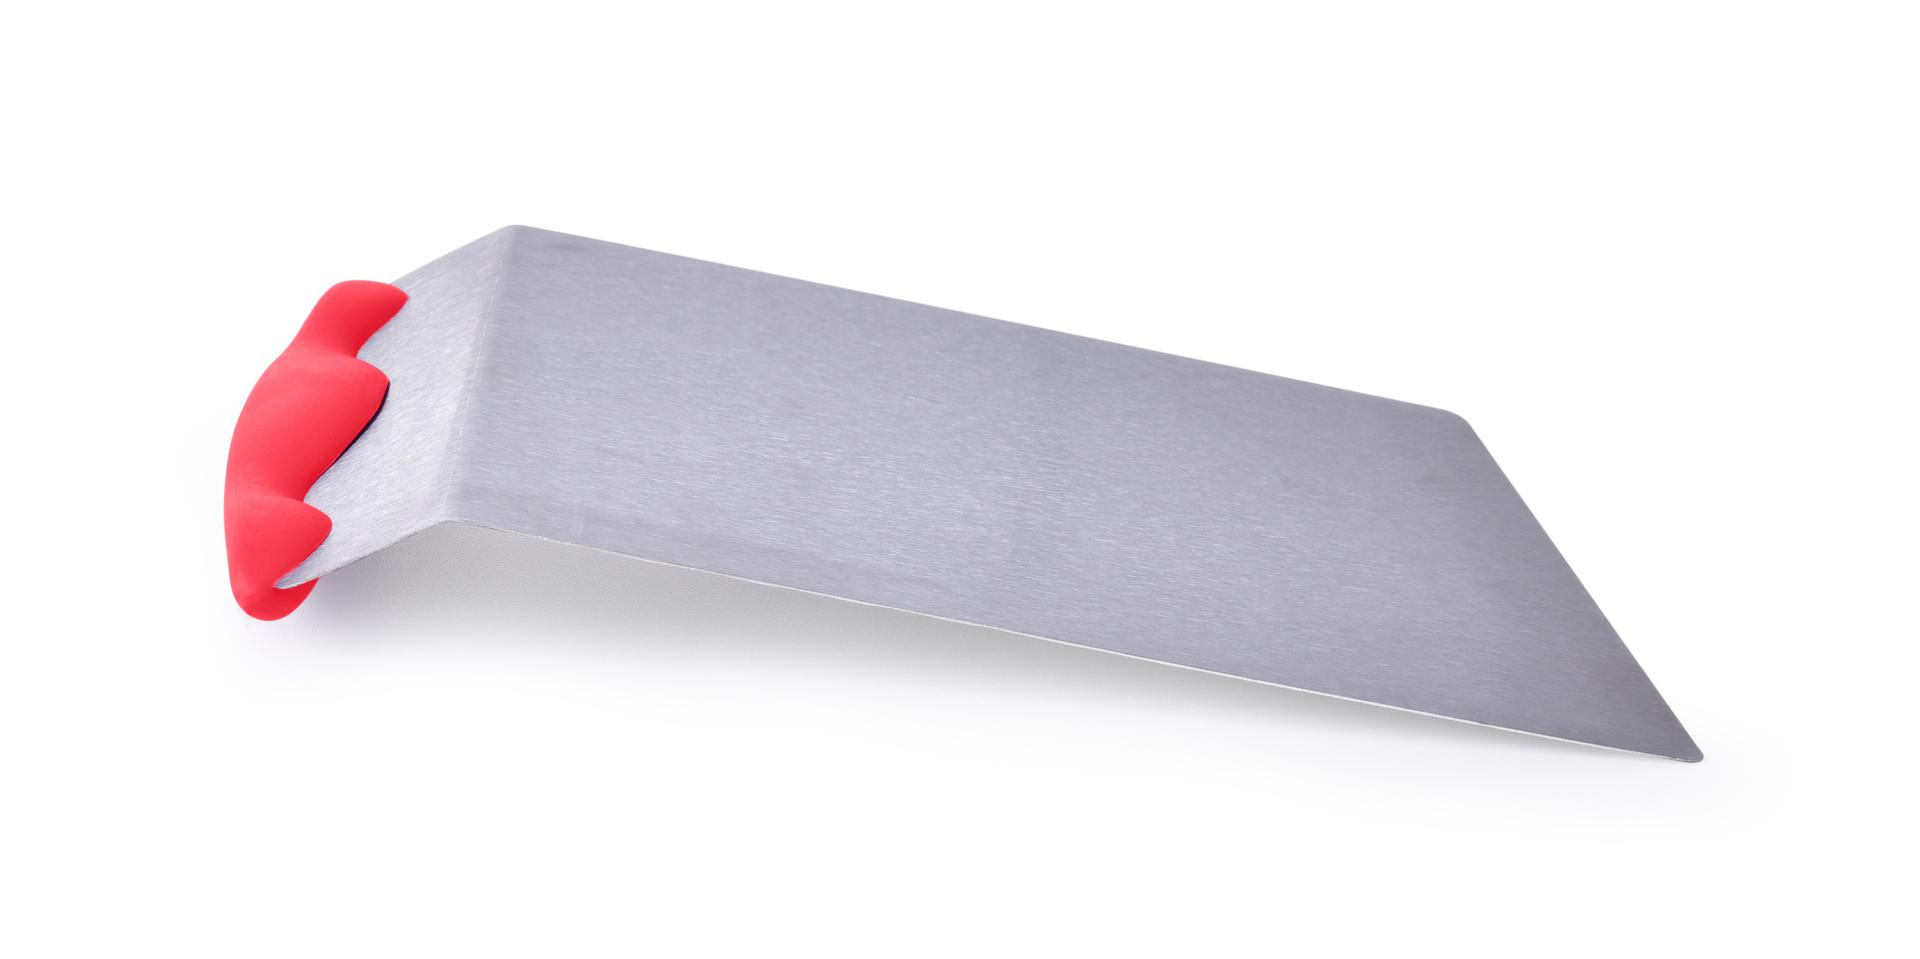 DA268411-XXL široká stierka / špachtľa pre cukrárov a pekárov